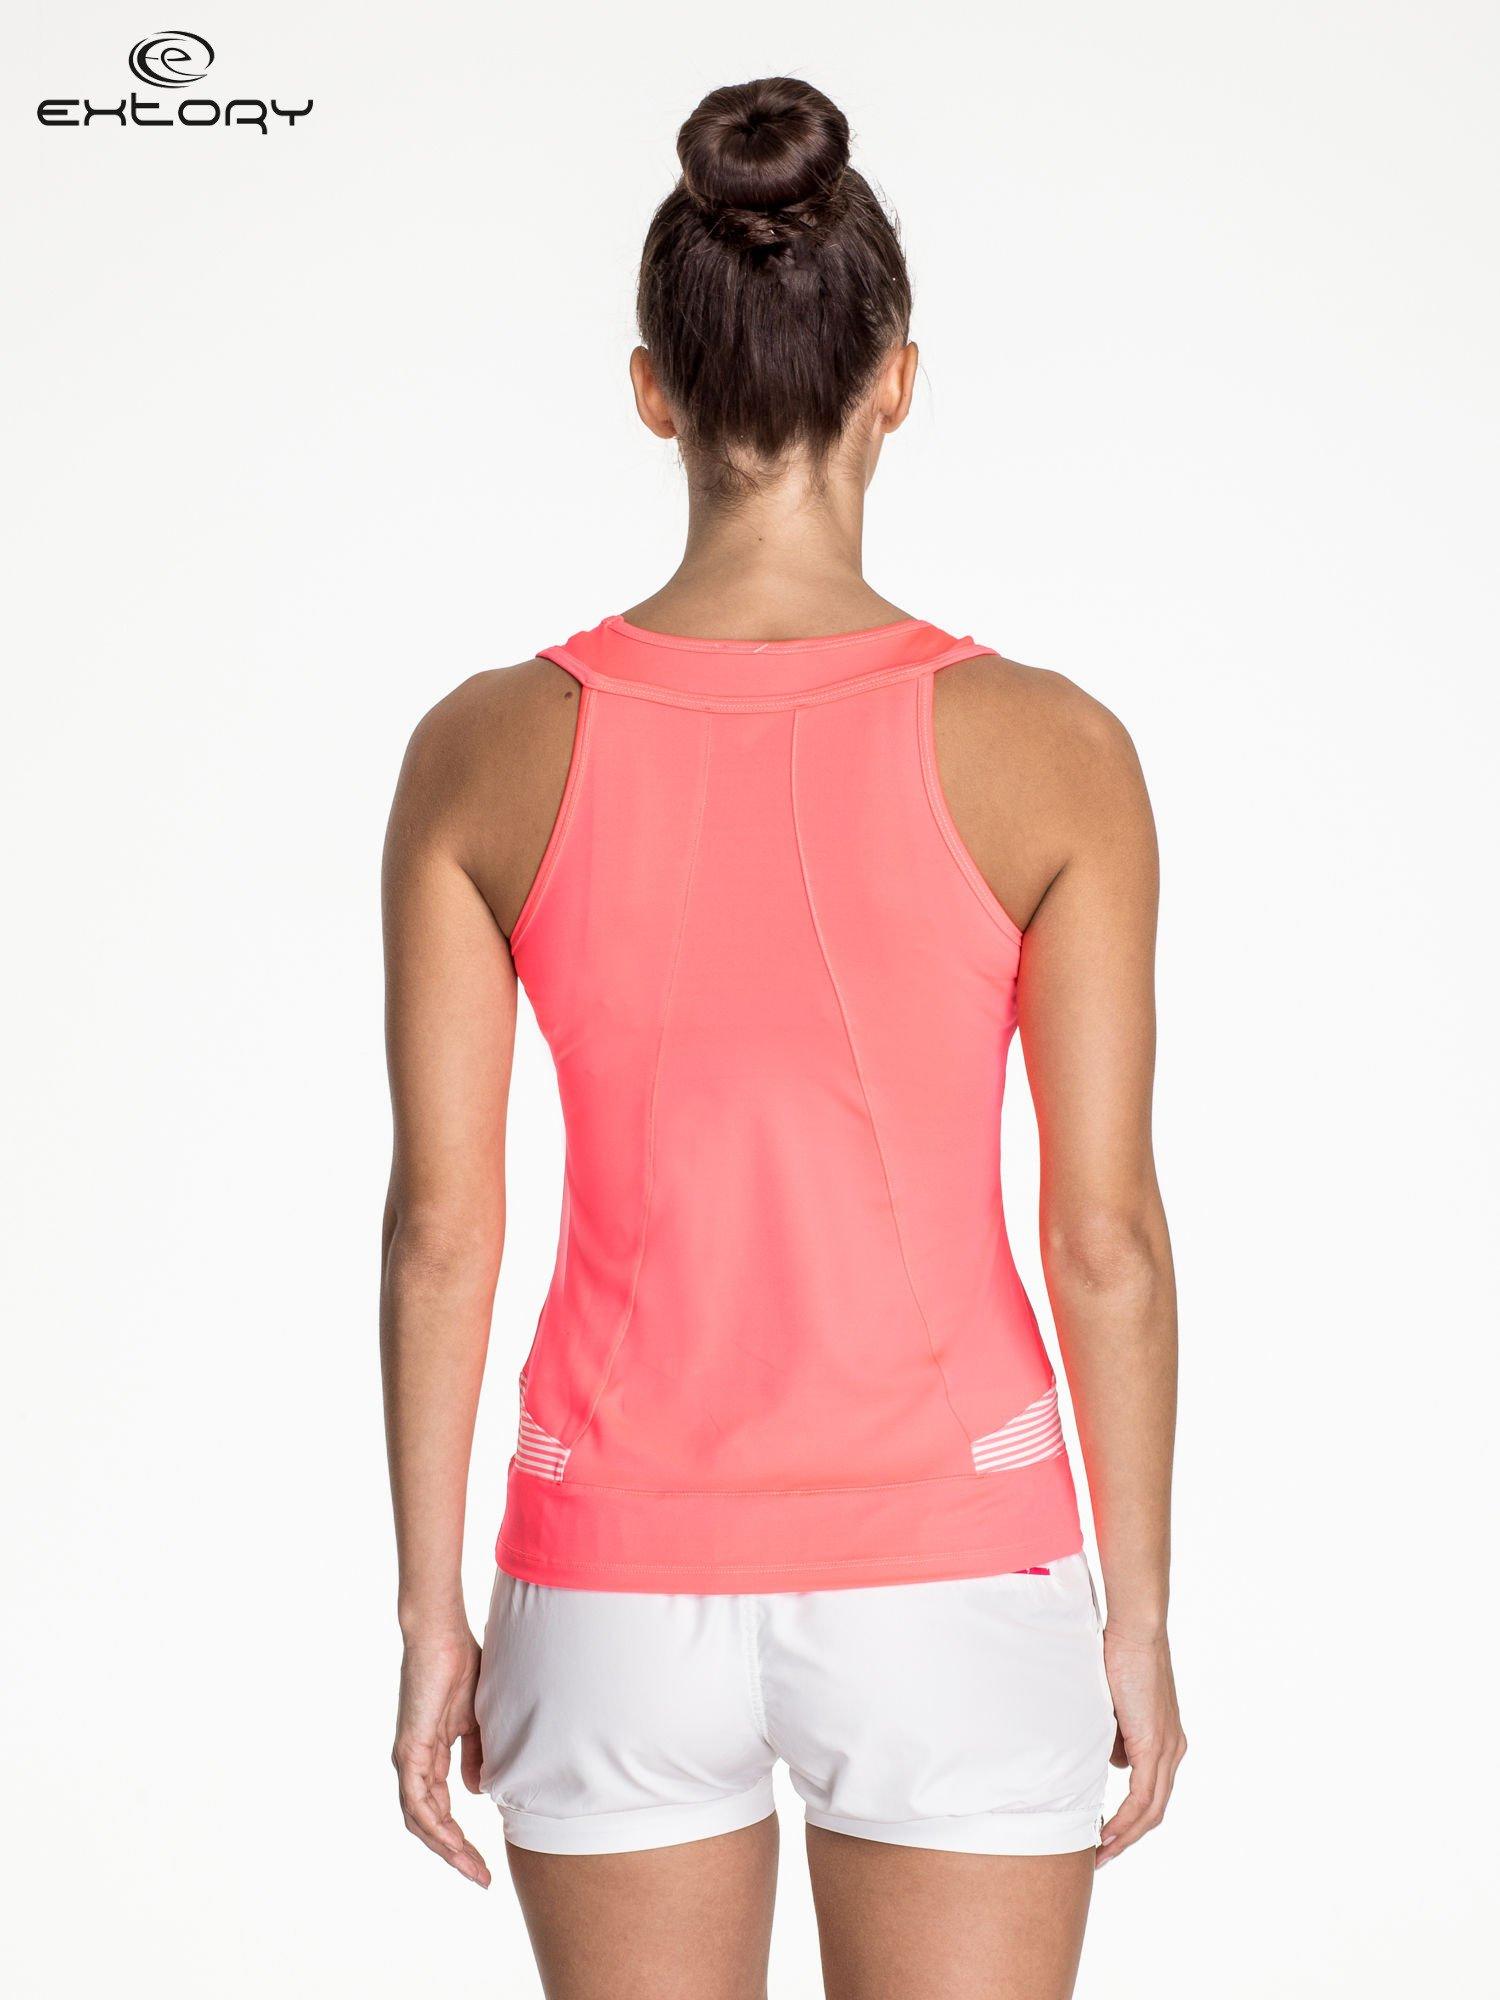 Fluoróżowy top sportowy na fitness                                  zdj.                                  4